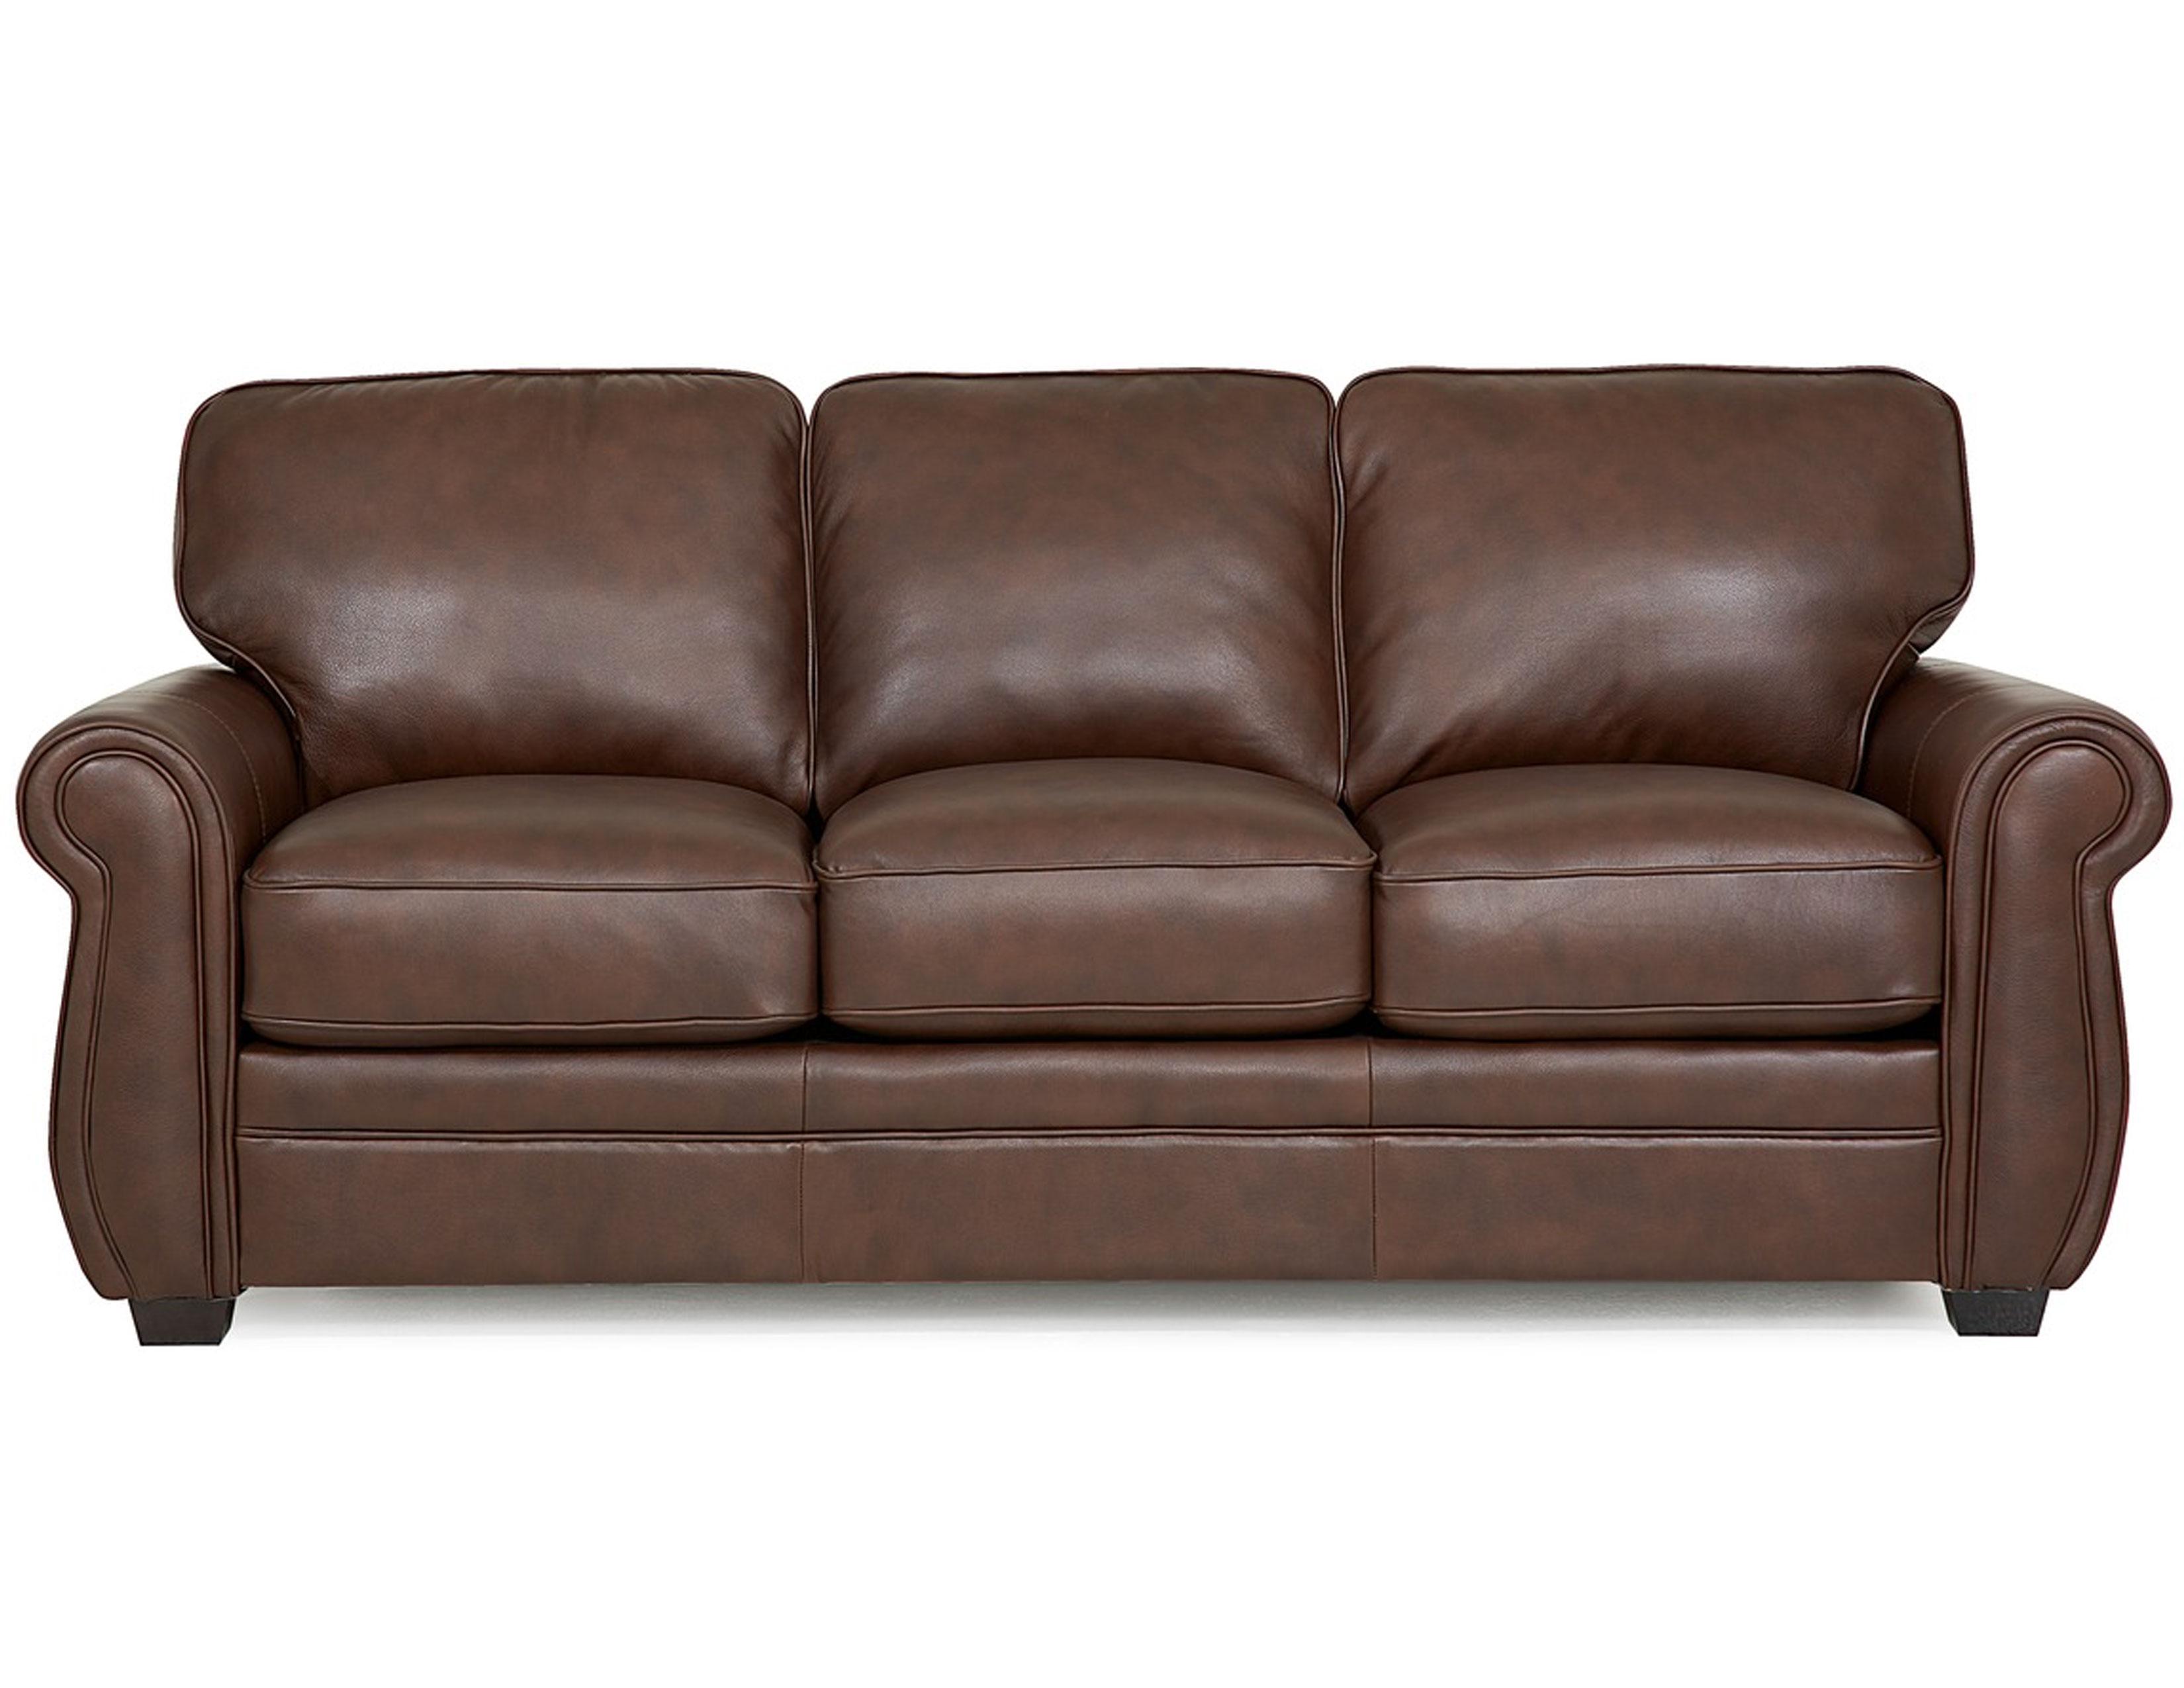 Thompson 77792 Leather Sofa 100